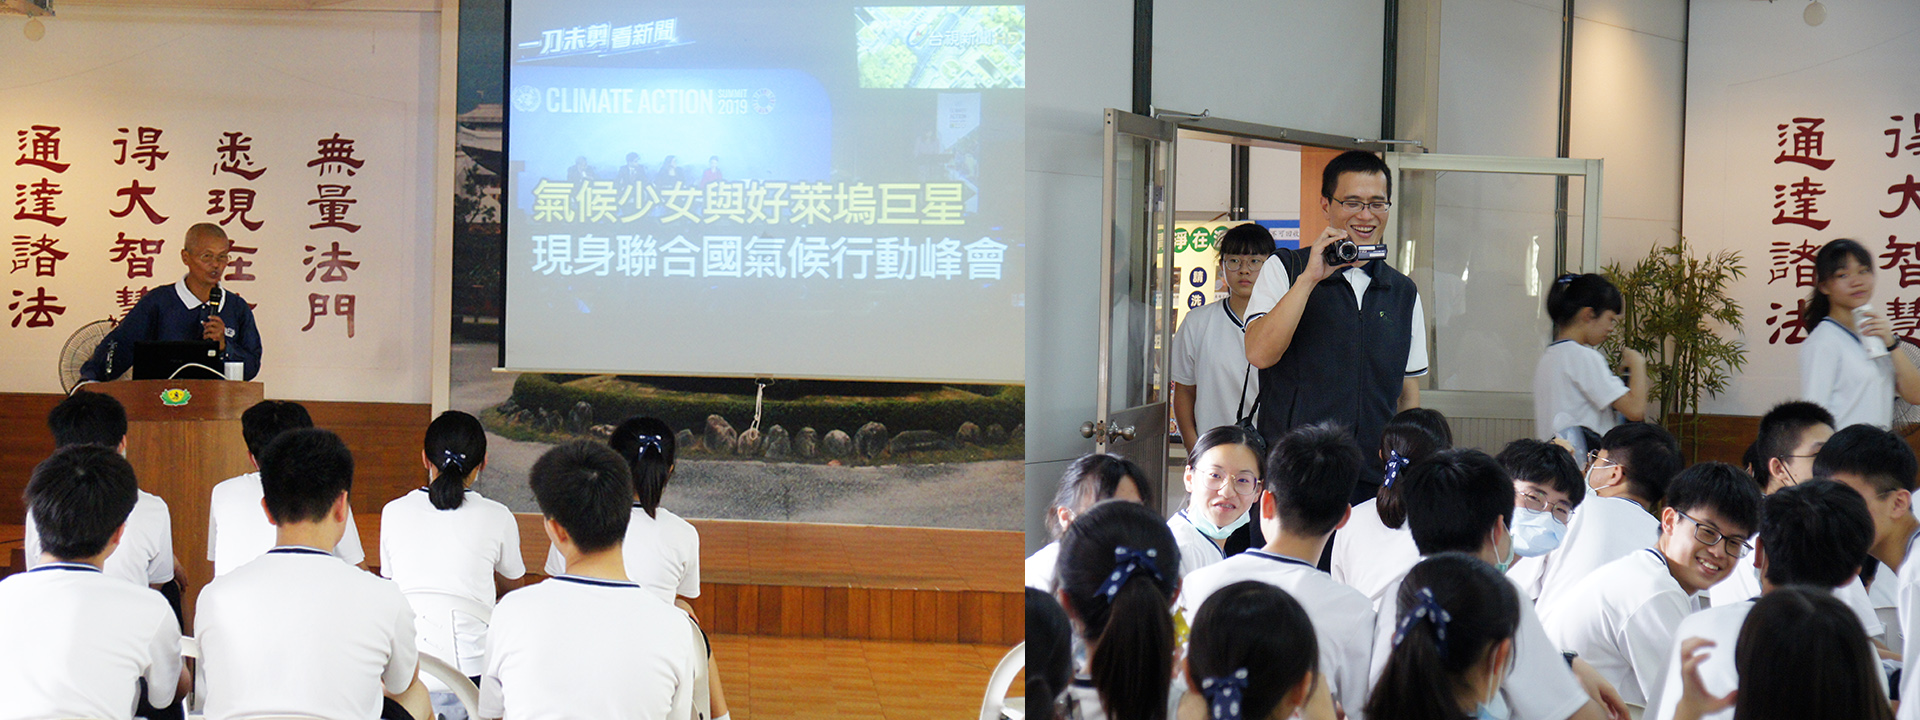 結合國際時事,精彩環保講座使學生增廣見聞。攝導師們伴隨左右,紀錄學生用心的點滴。